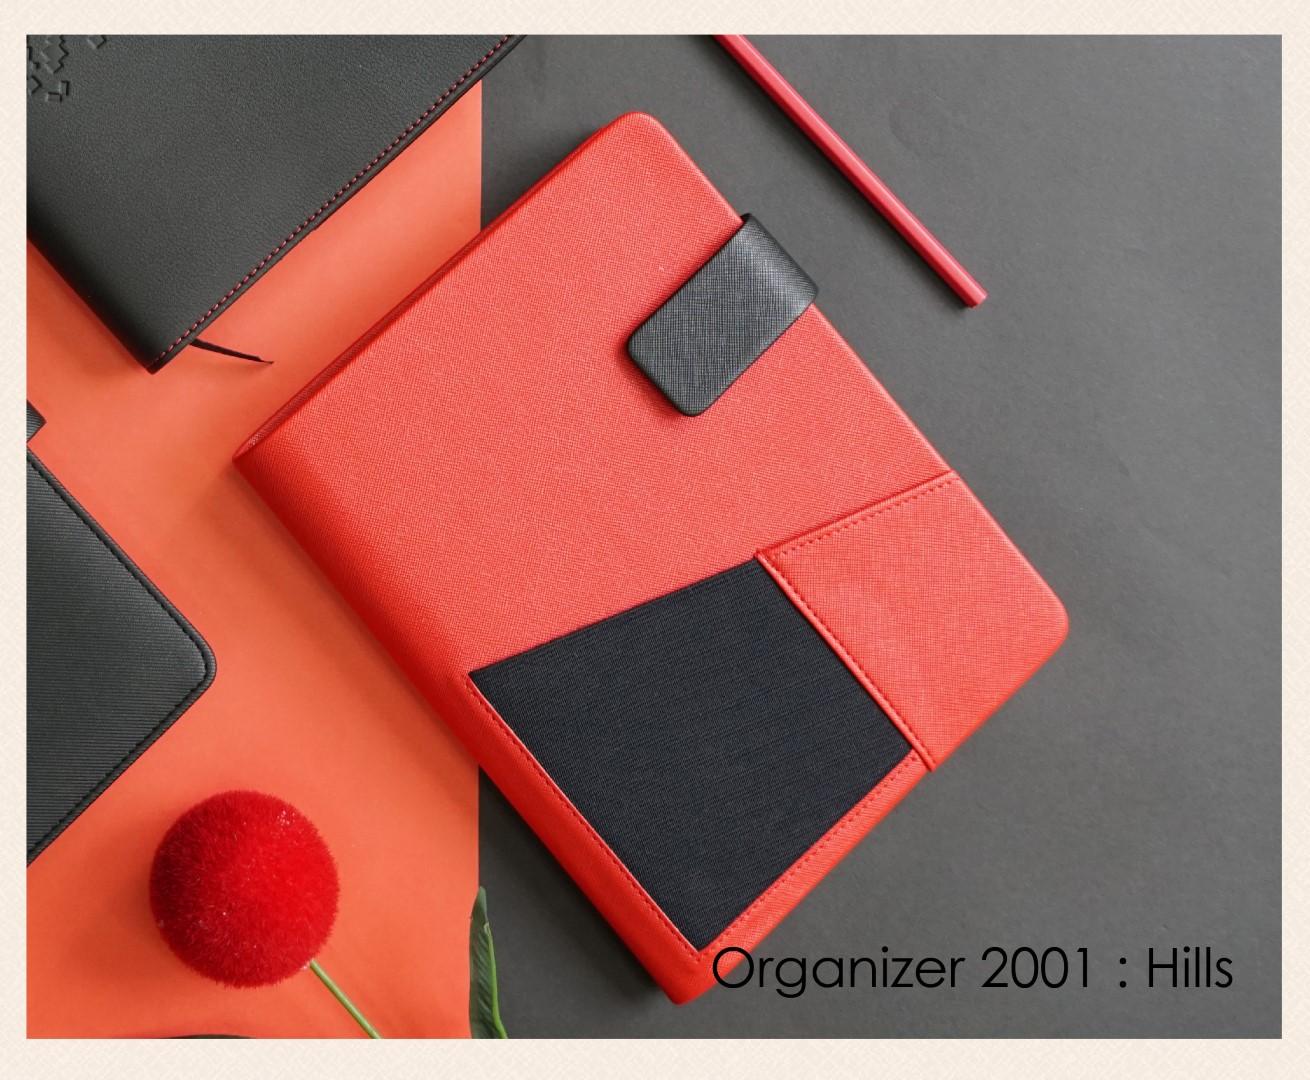 สมุดออร์กาไนเซอร์ Organizer : OR 2001 Hill